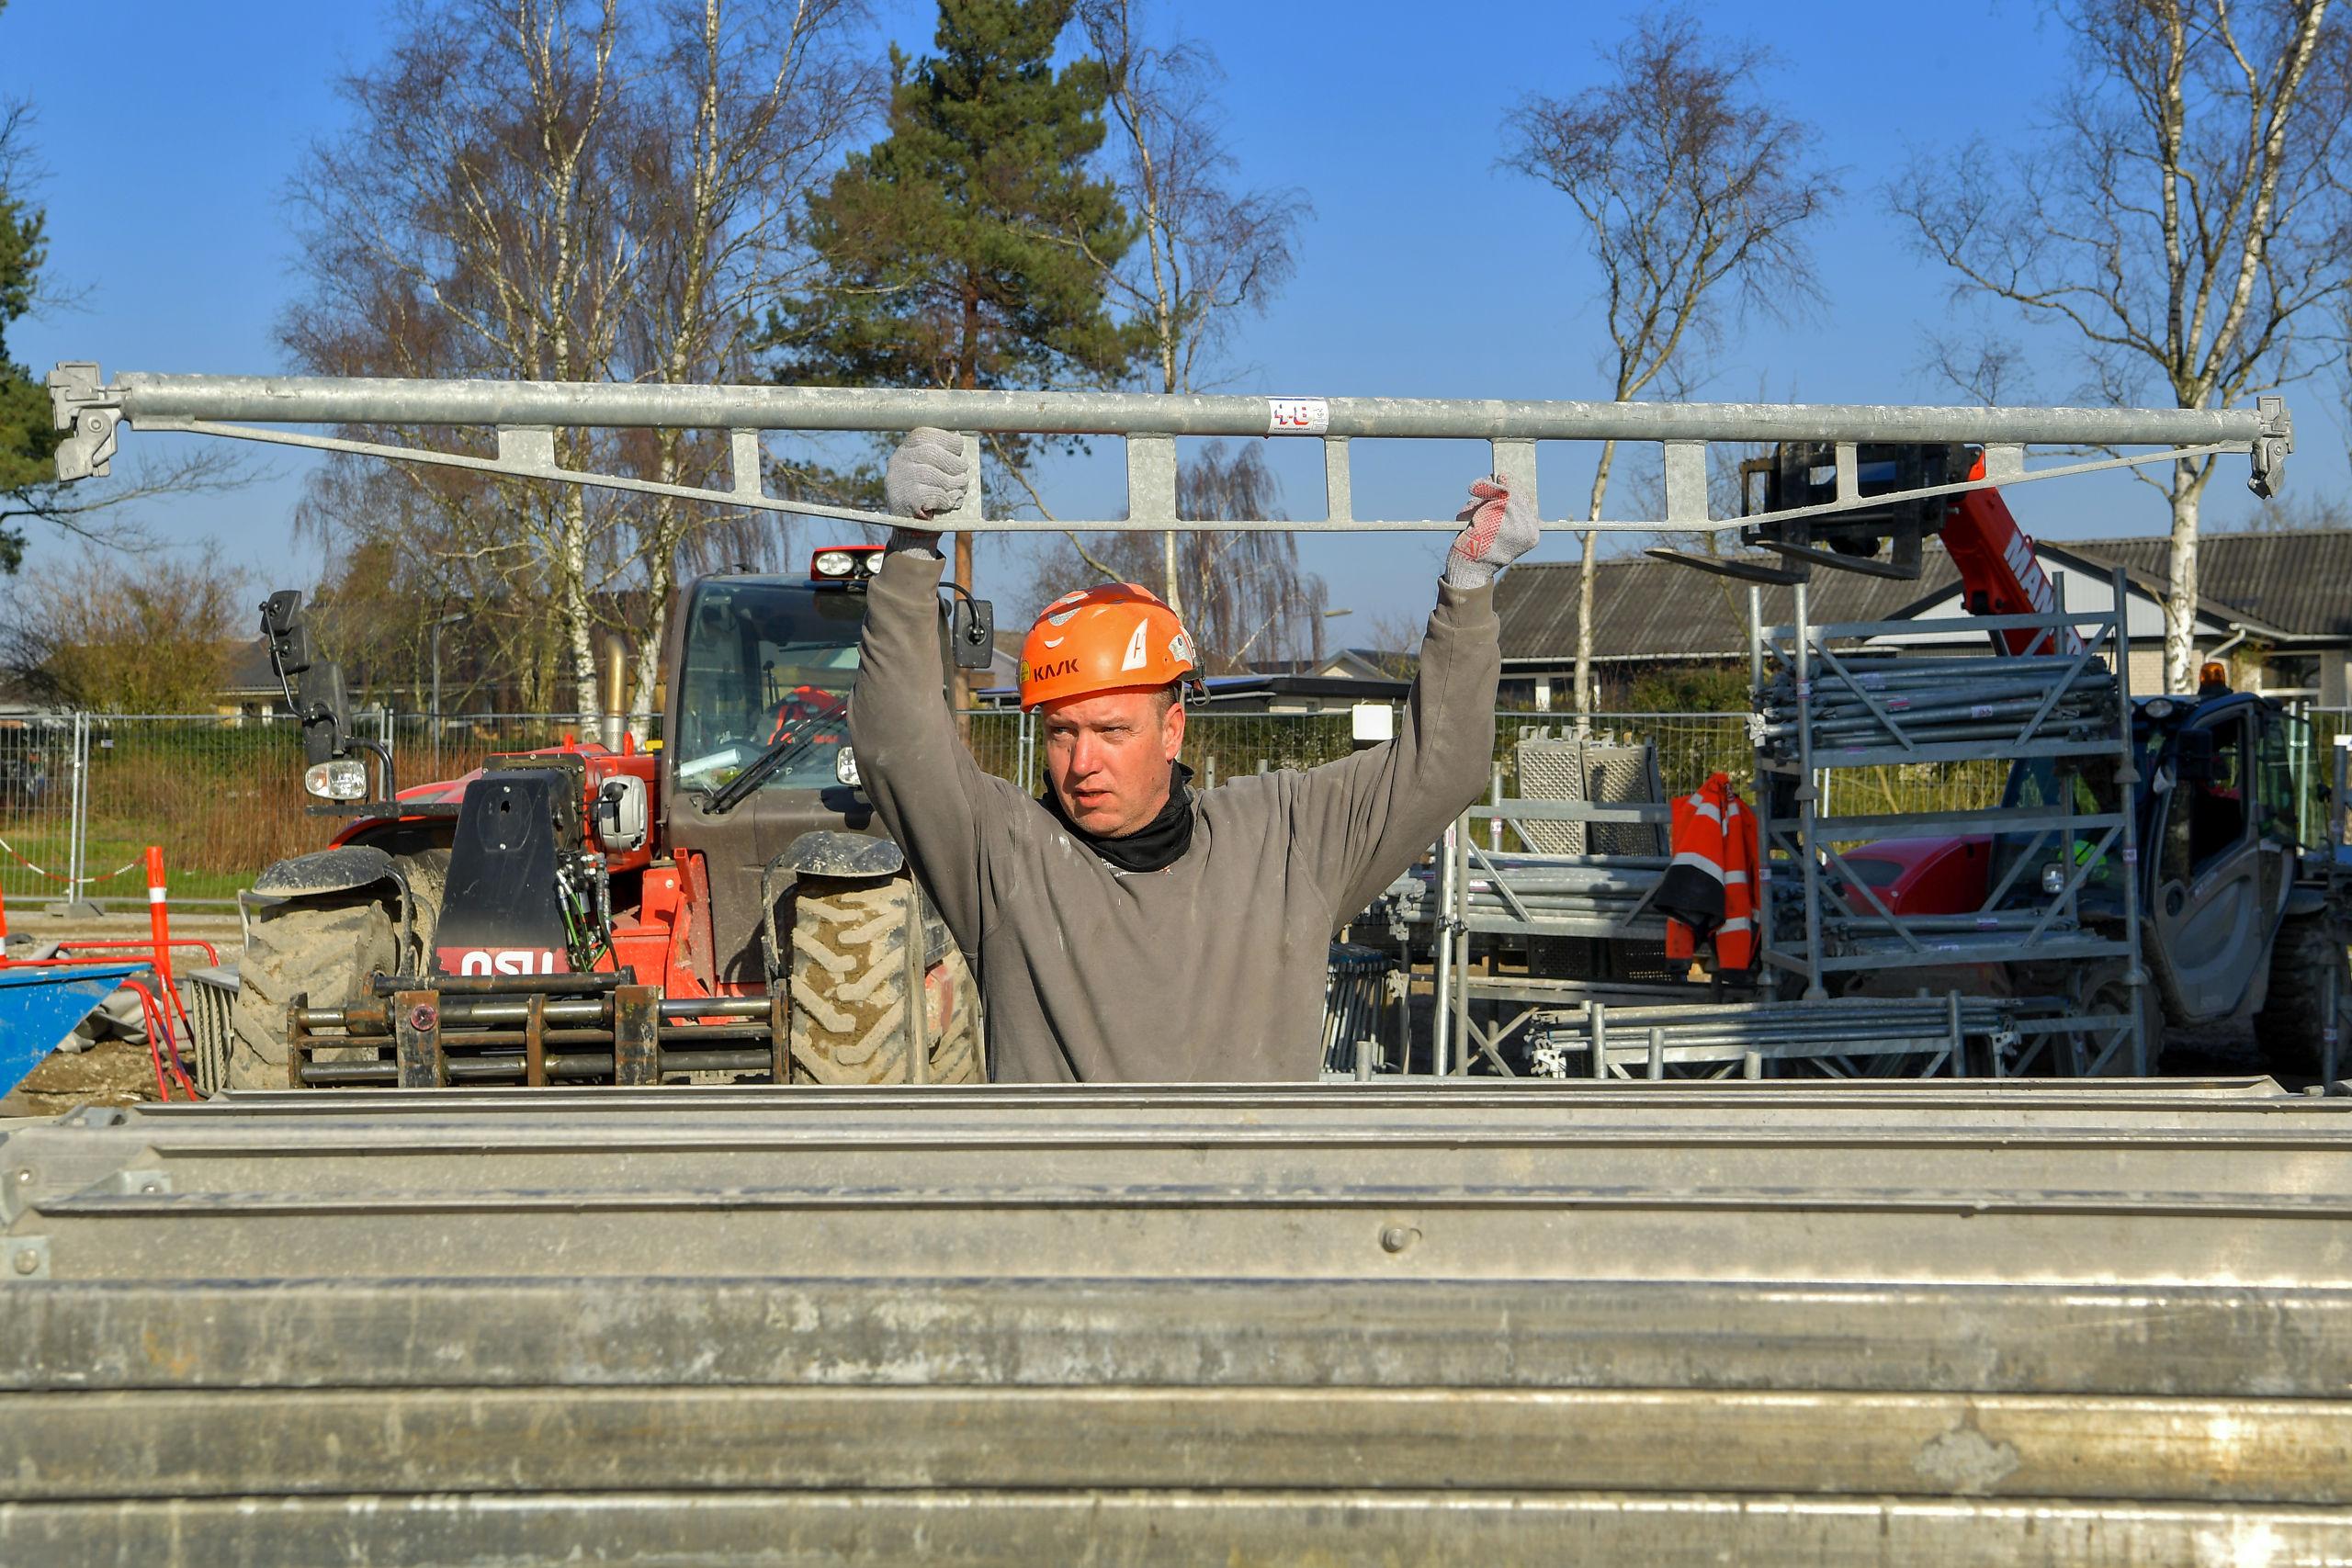 Hennings krop holder fem år mere: Hvad skal jeg så lave? Jeg kan jo ikke andet